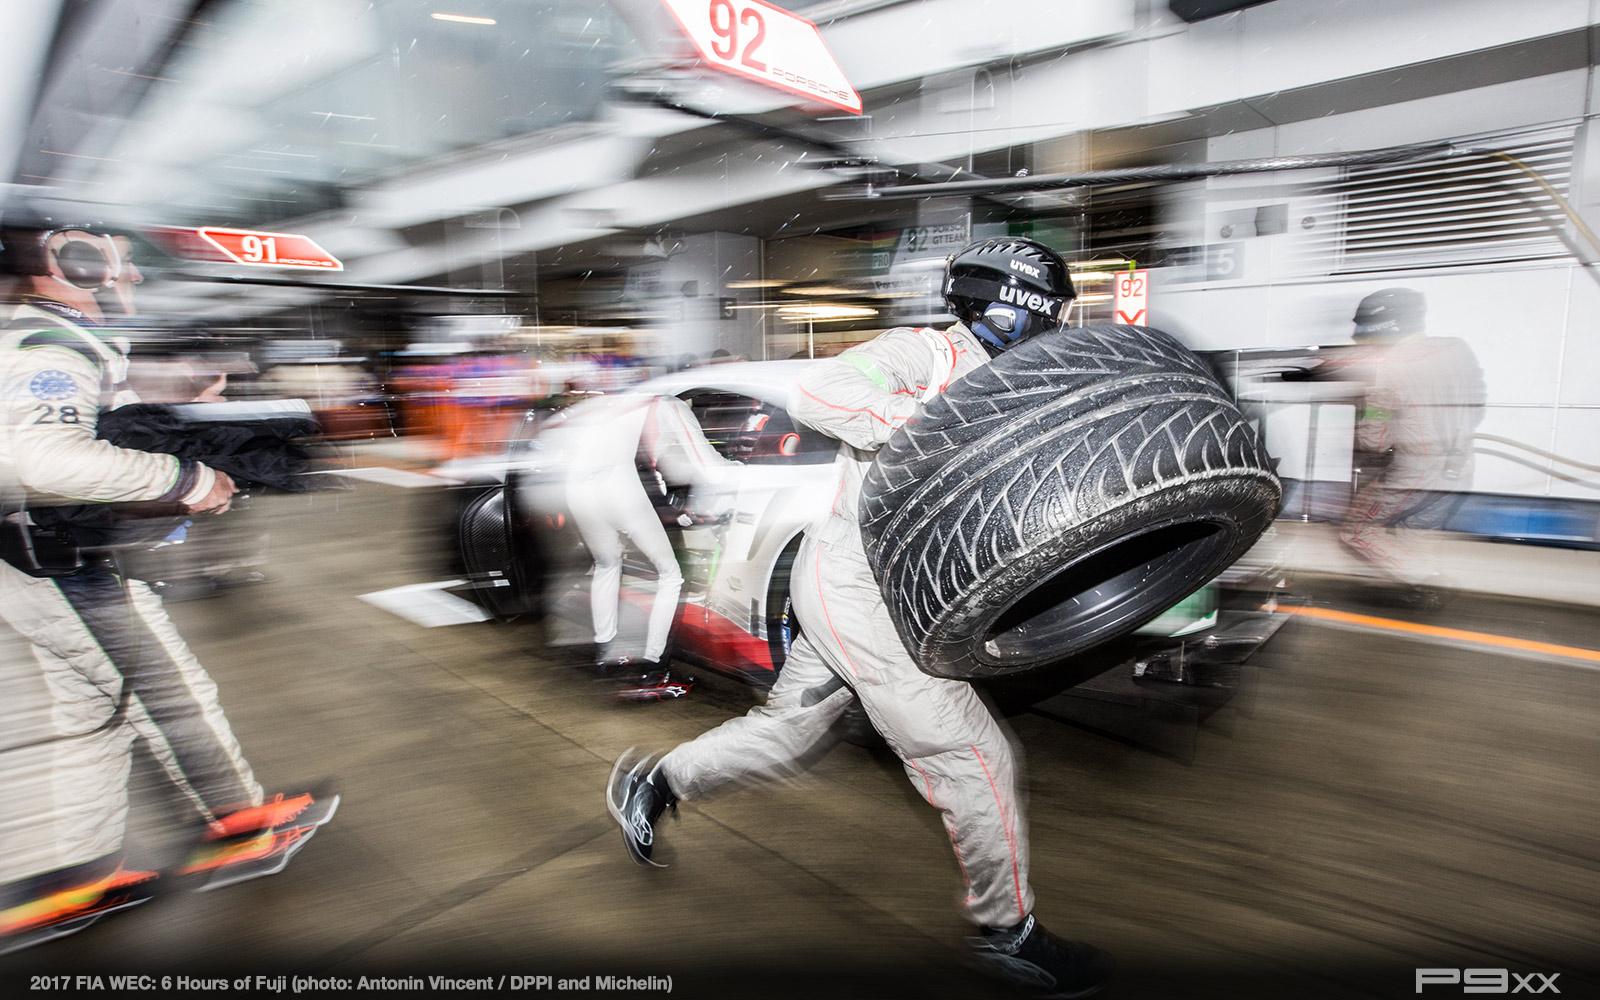 2017-FIA-WEC-6h-of-Fuji-Porsche-Fuji_02117011_1815307